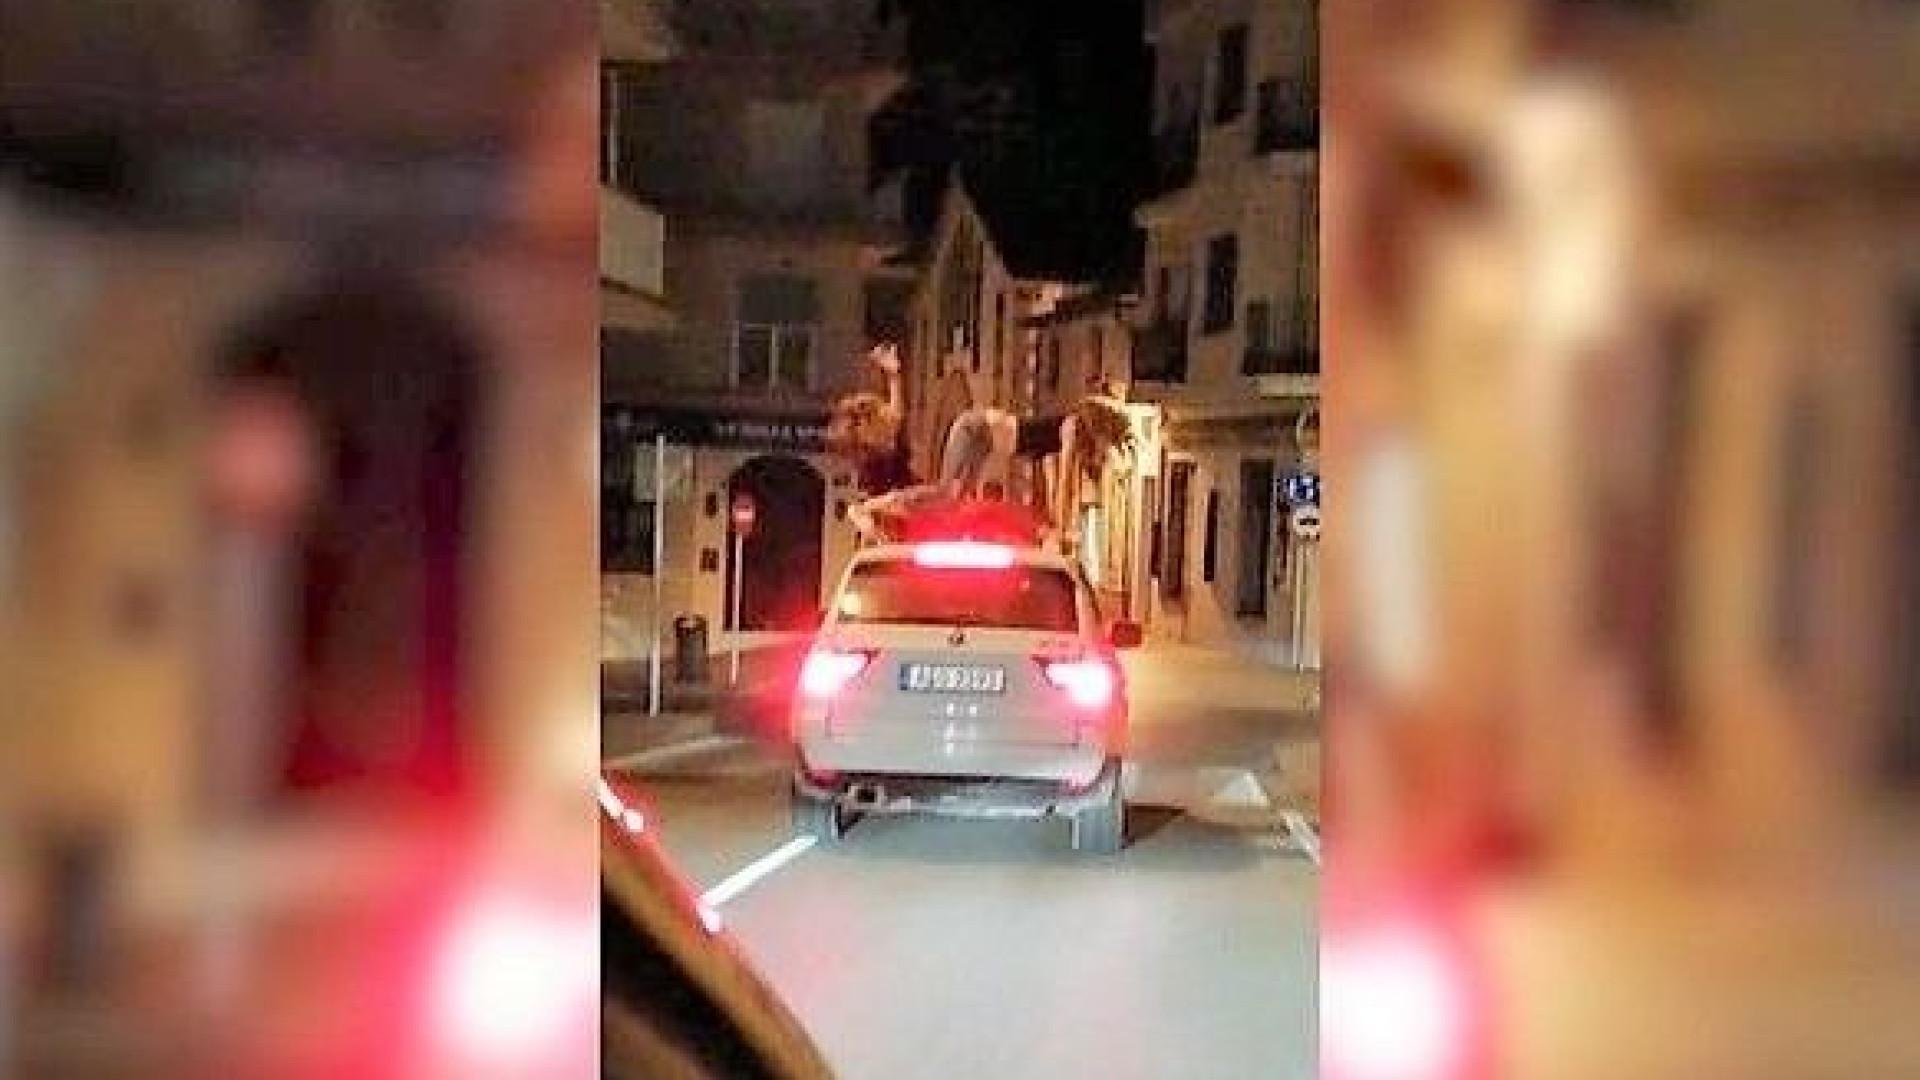 Espanha: Polícia investiga vídeo de jovens a dançar no tejadilho de carro